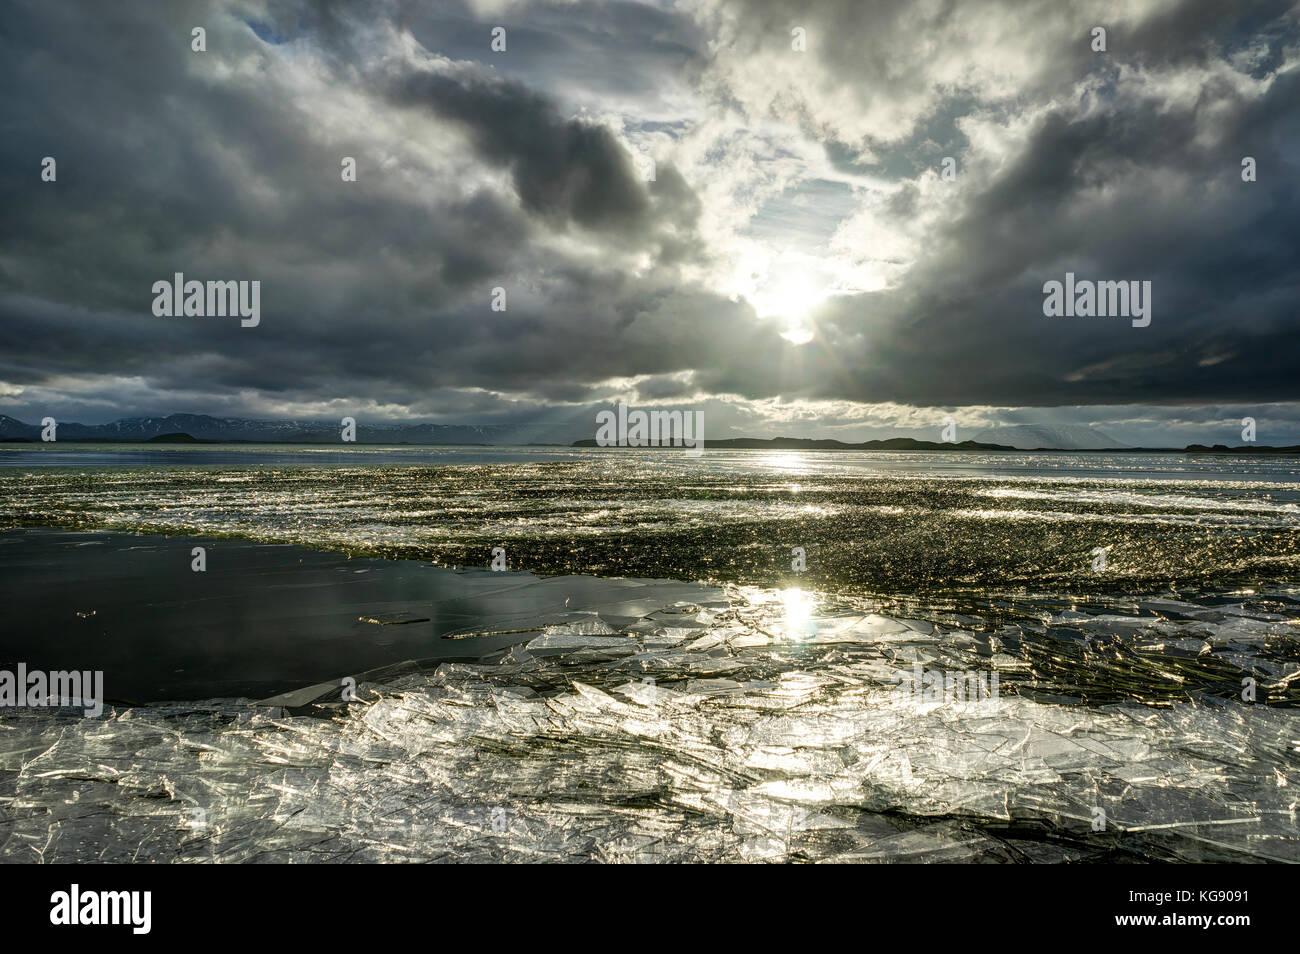 Paesaggio invernale lago ghiacciato con floes ghiaccio e cielo molto nuvoloso in Ic Immagini Stock